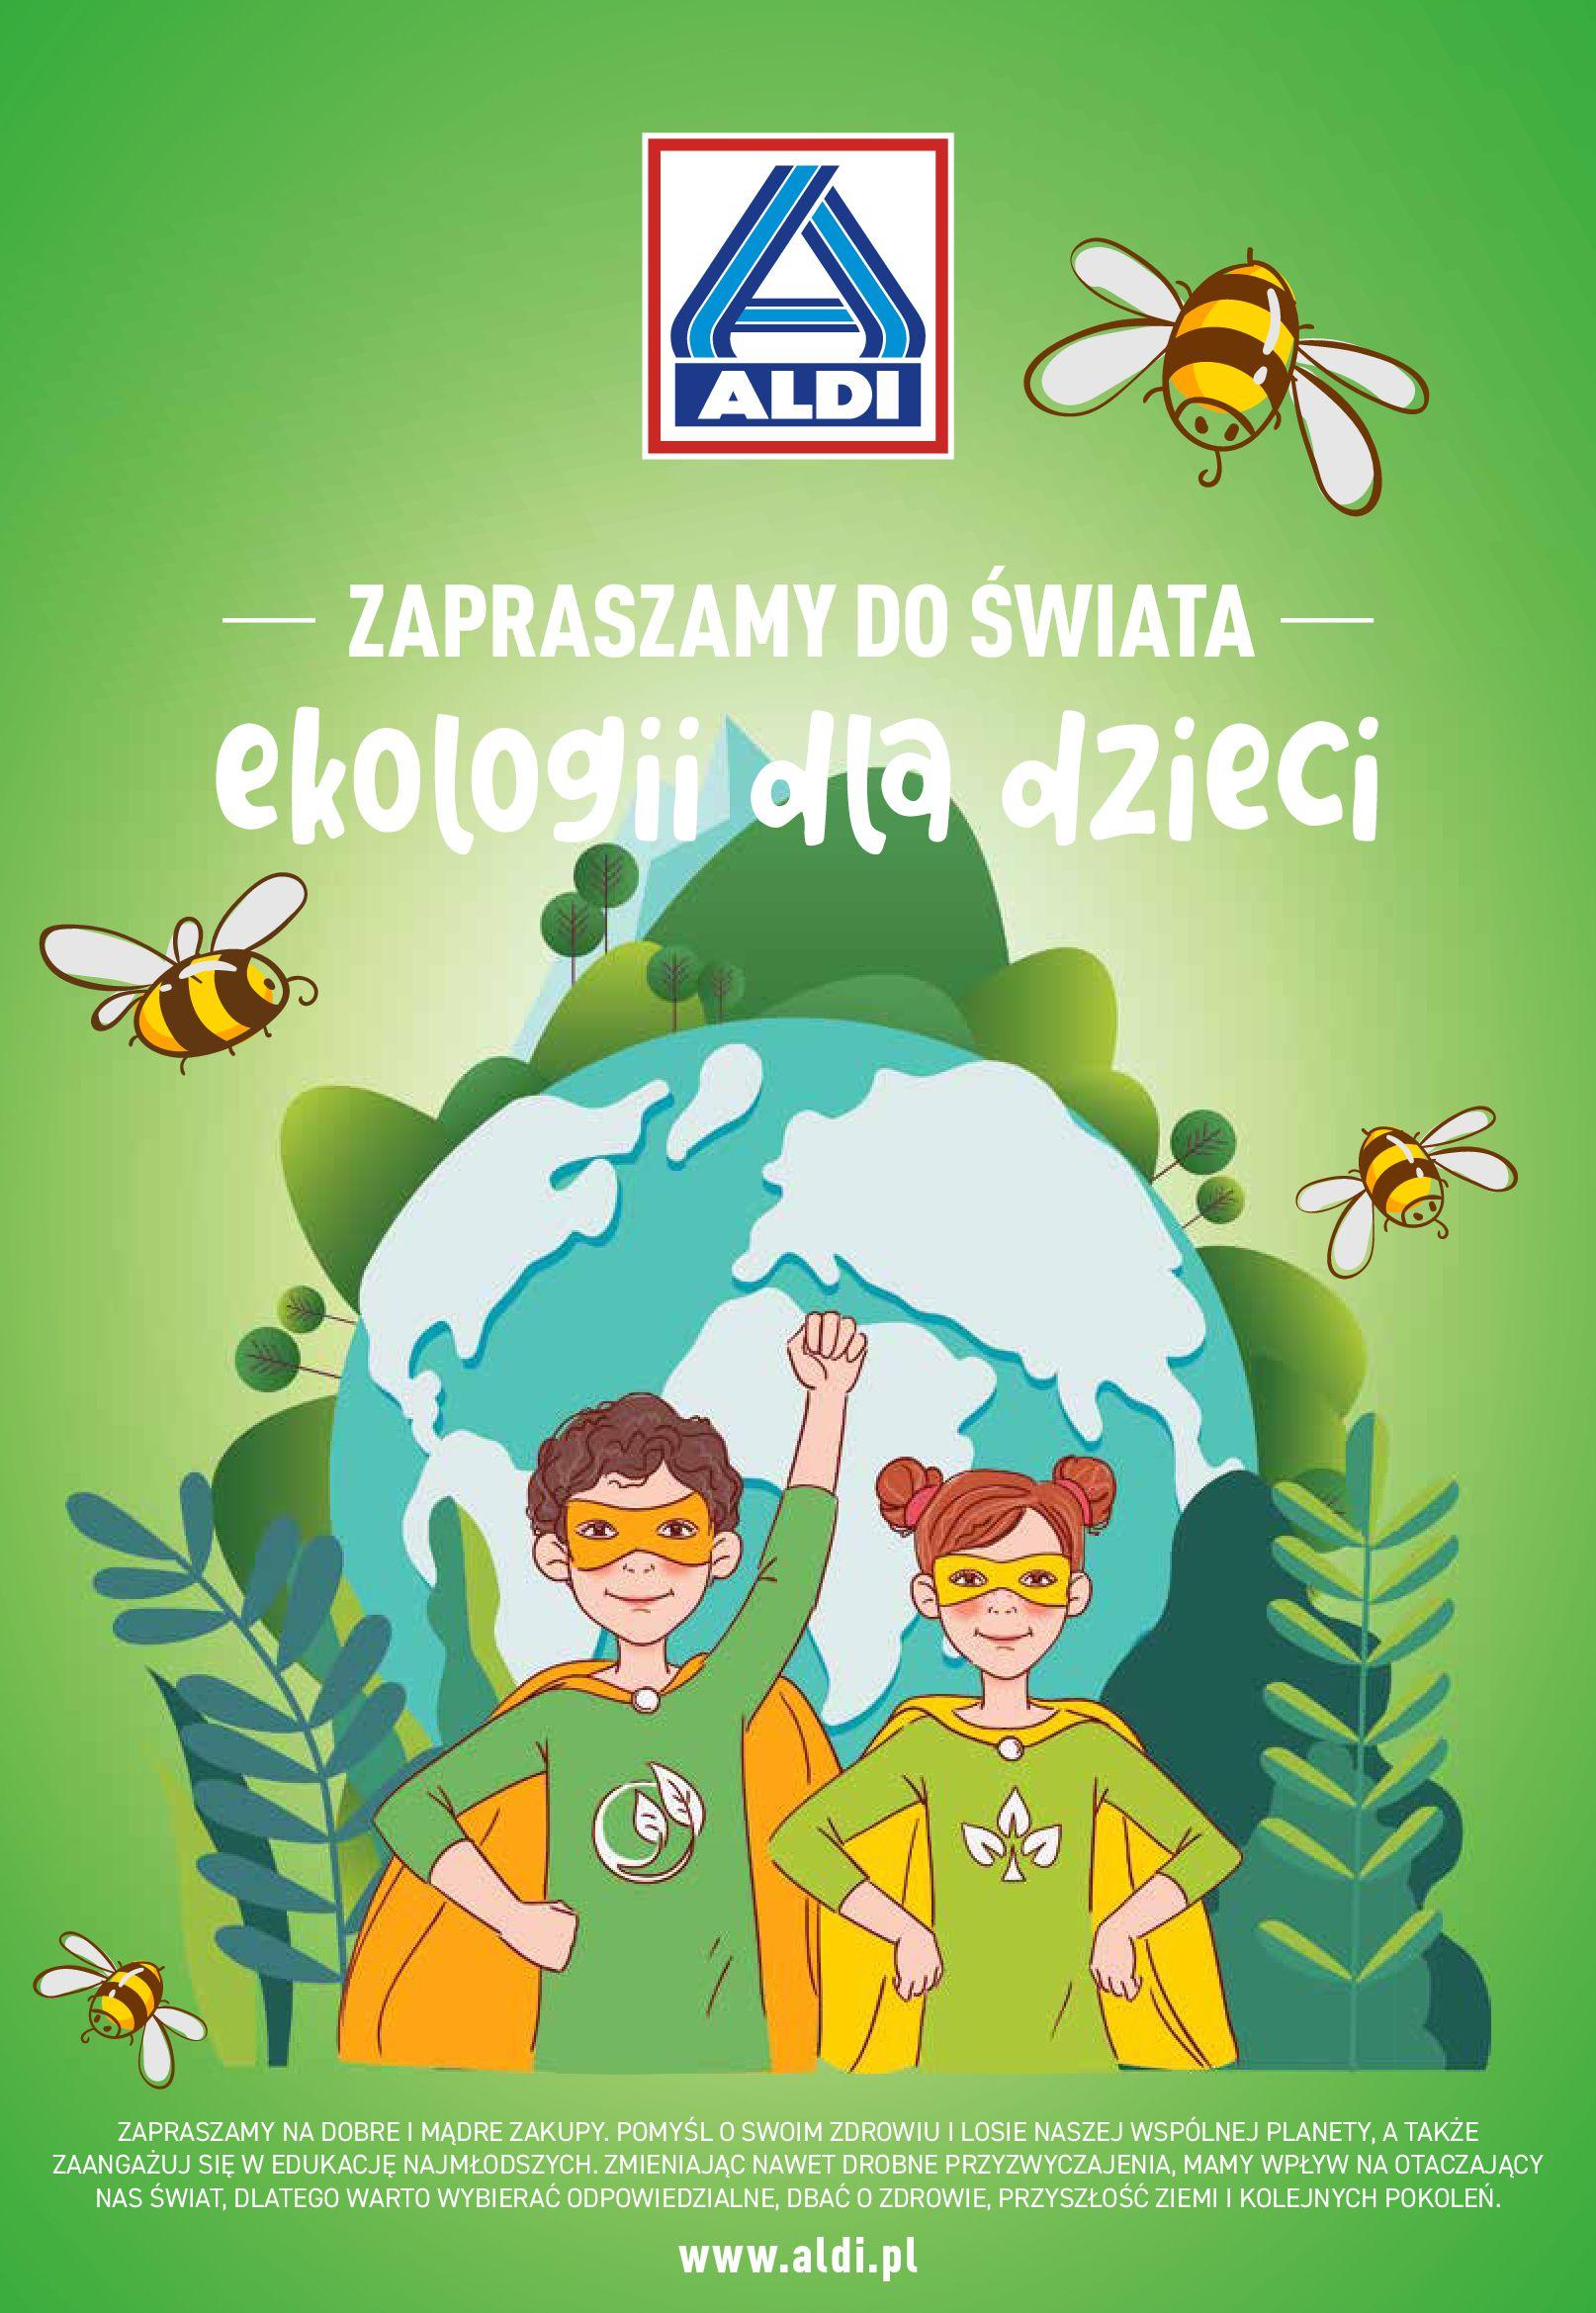 Aldi:  Gazetka Aldi - Zapraszamy do świata ekologii dla dzieci 31.05.2021